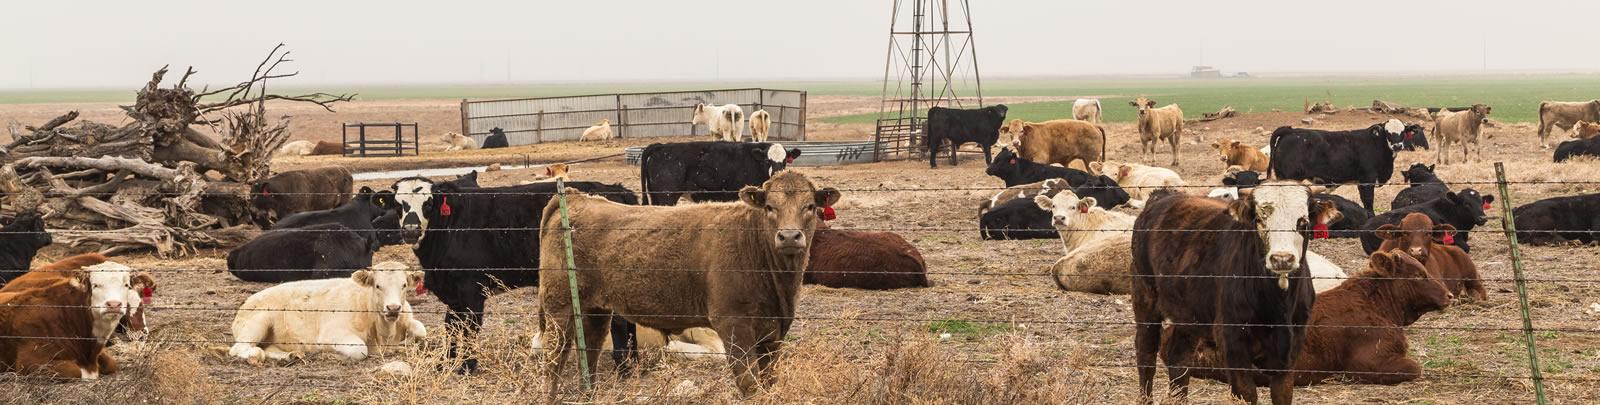 livestock3